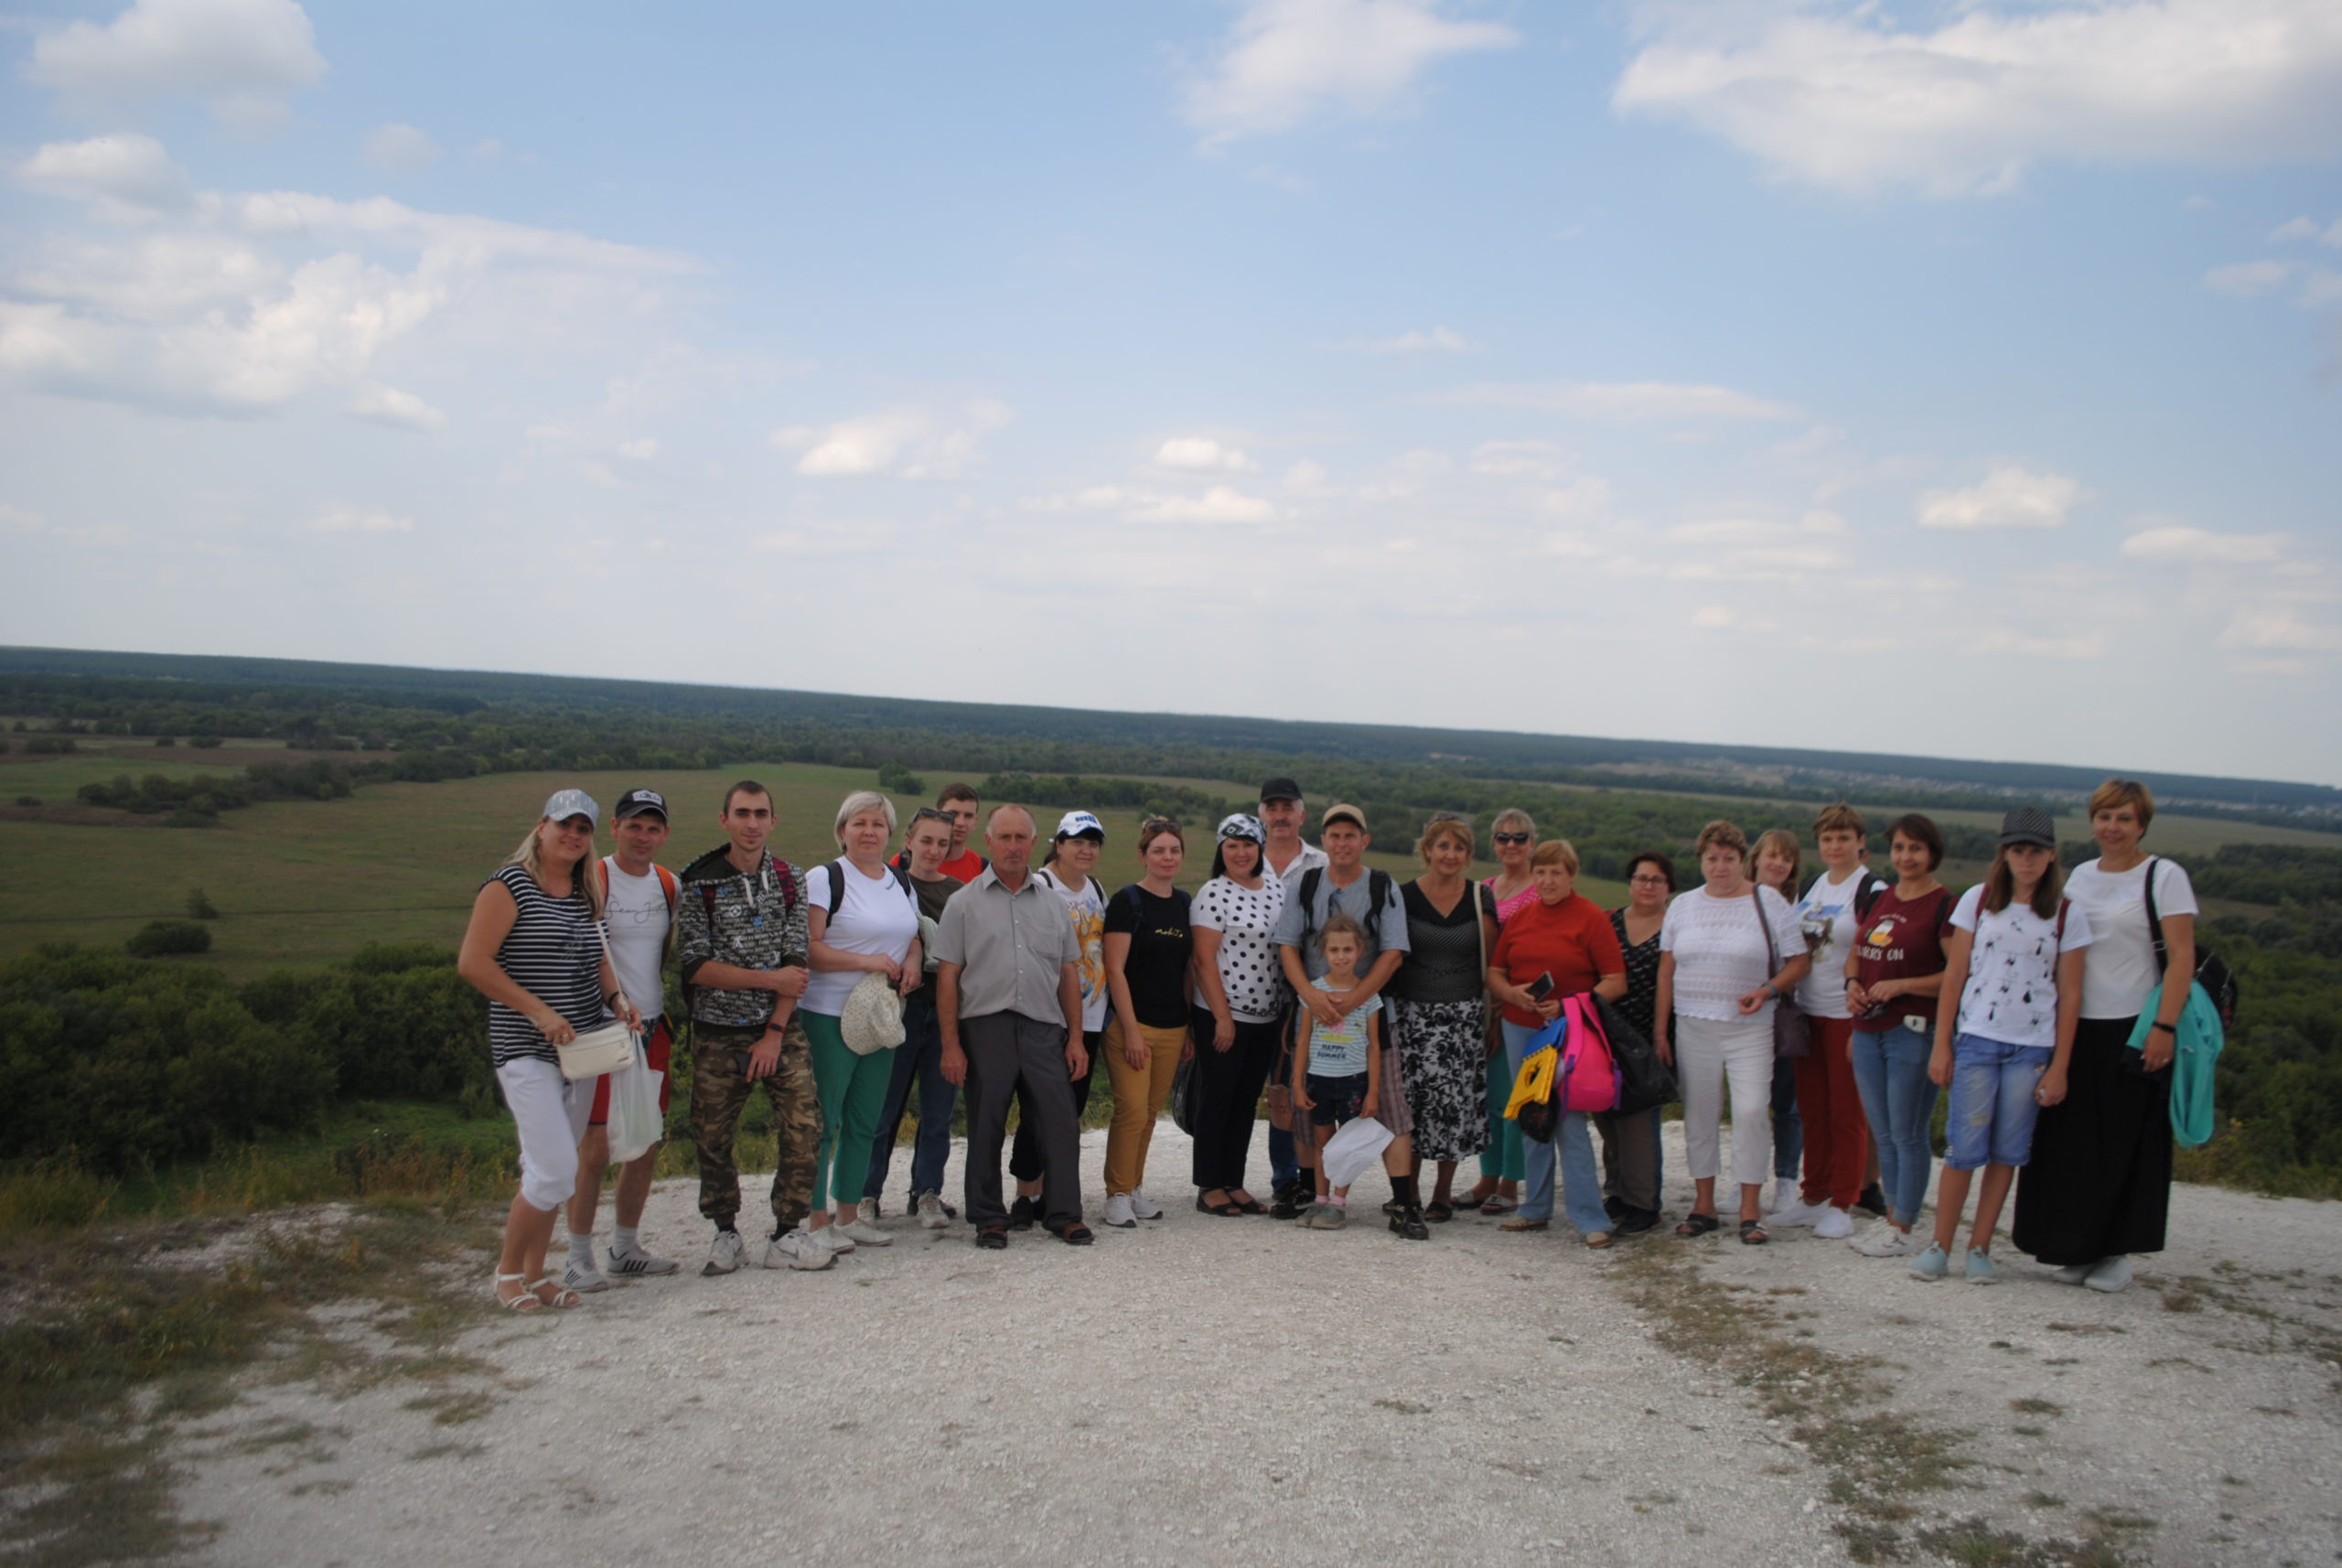 Коллектив нашей компании 28.08.2021 посетил музей-заповедник «ДИВНОГОРЬЕ» в Лискинском районе Воронежской области России.